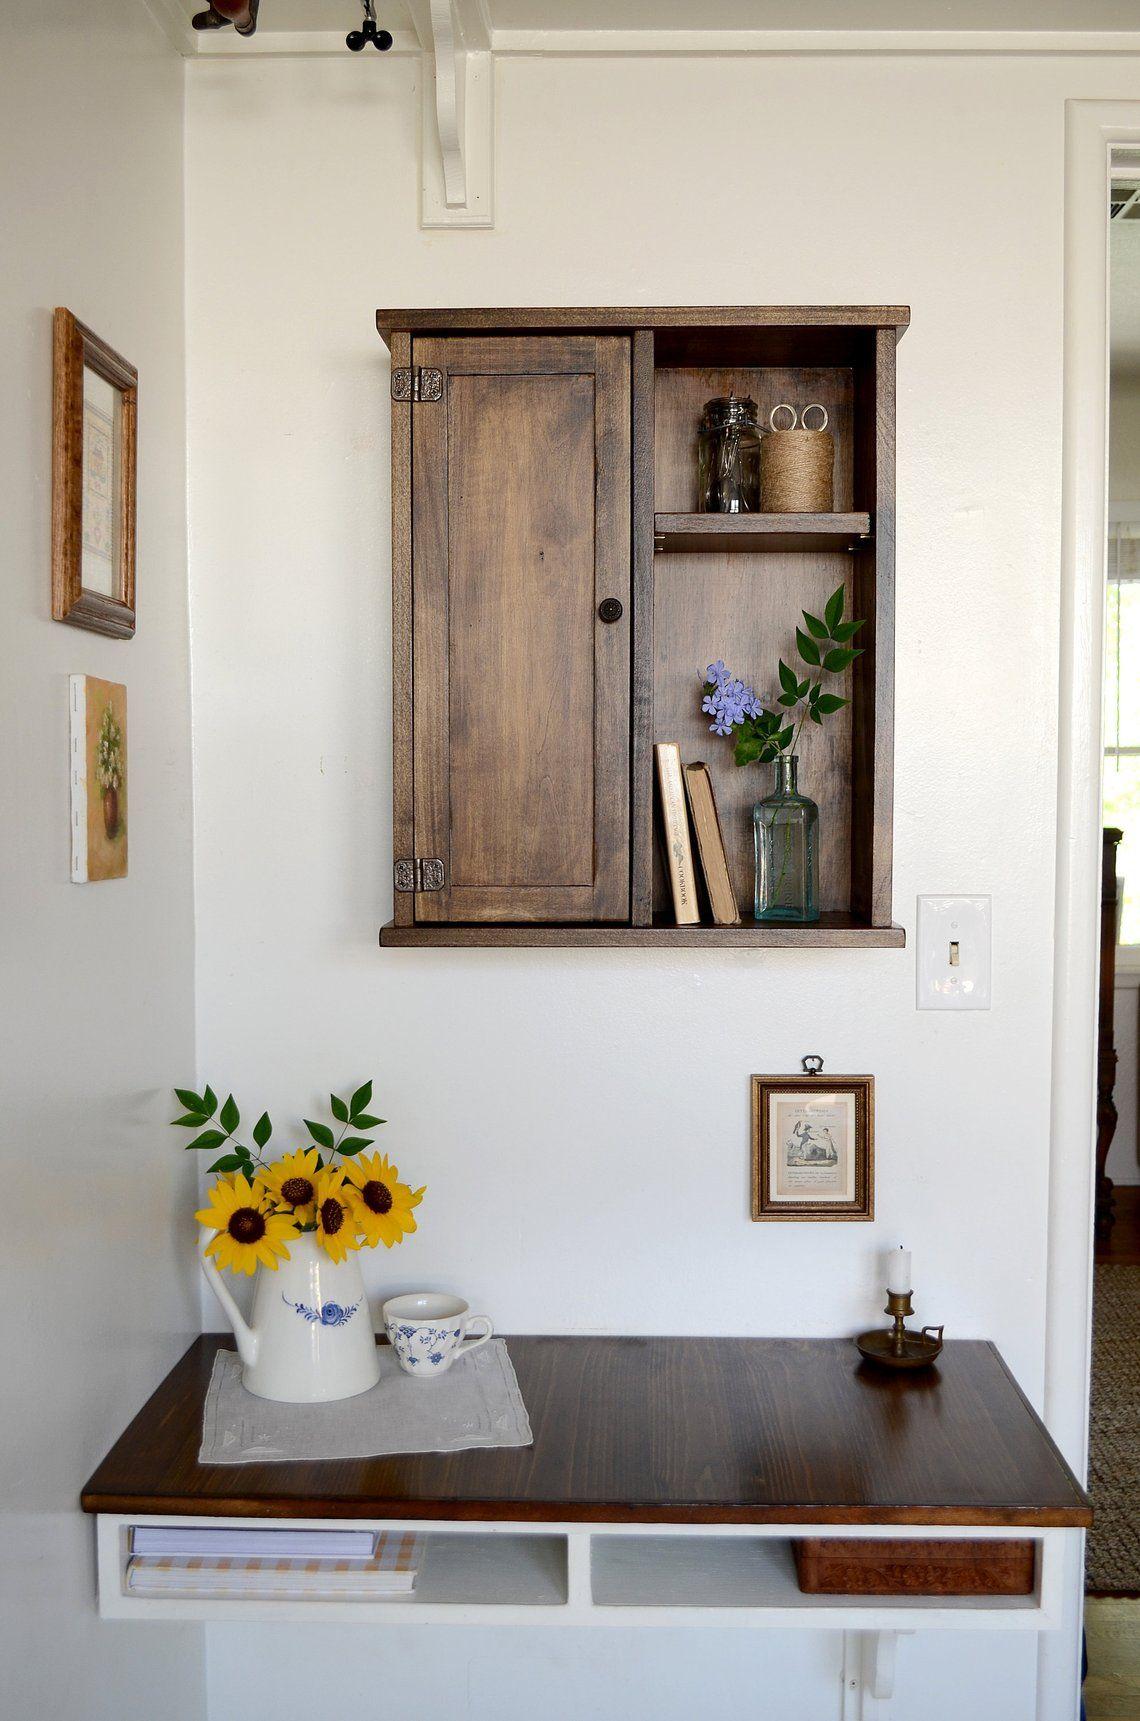 Farmhouse kitchen kitchen wall storage